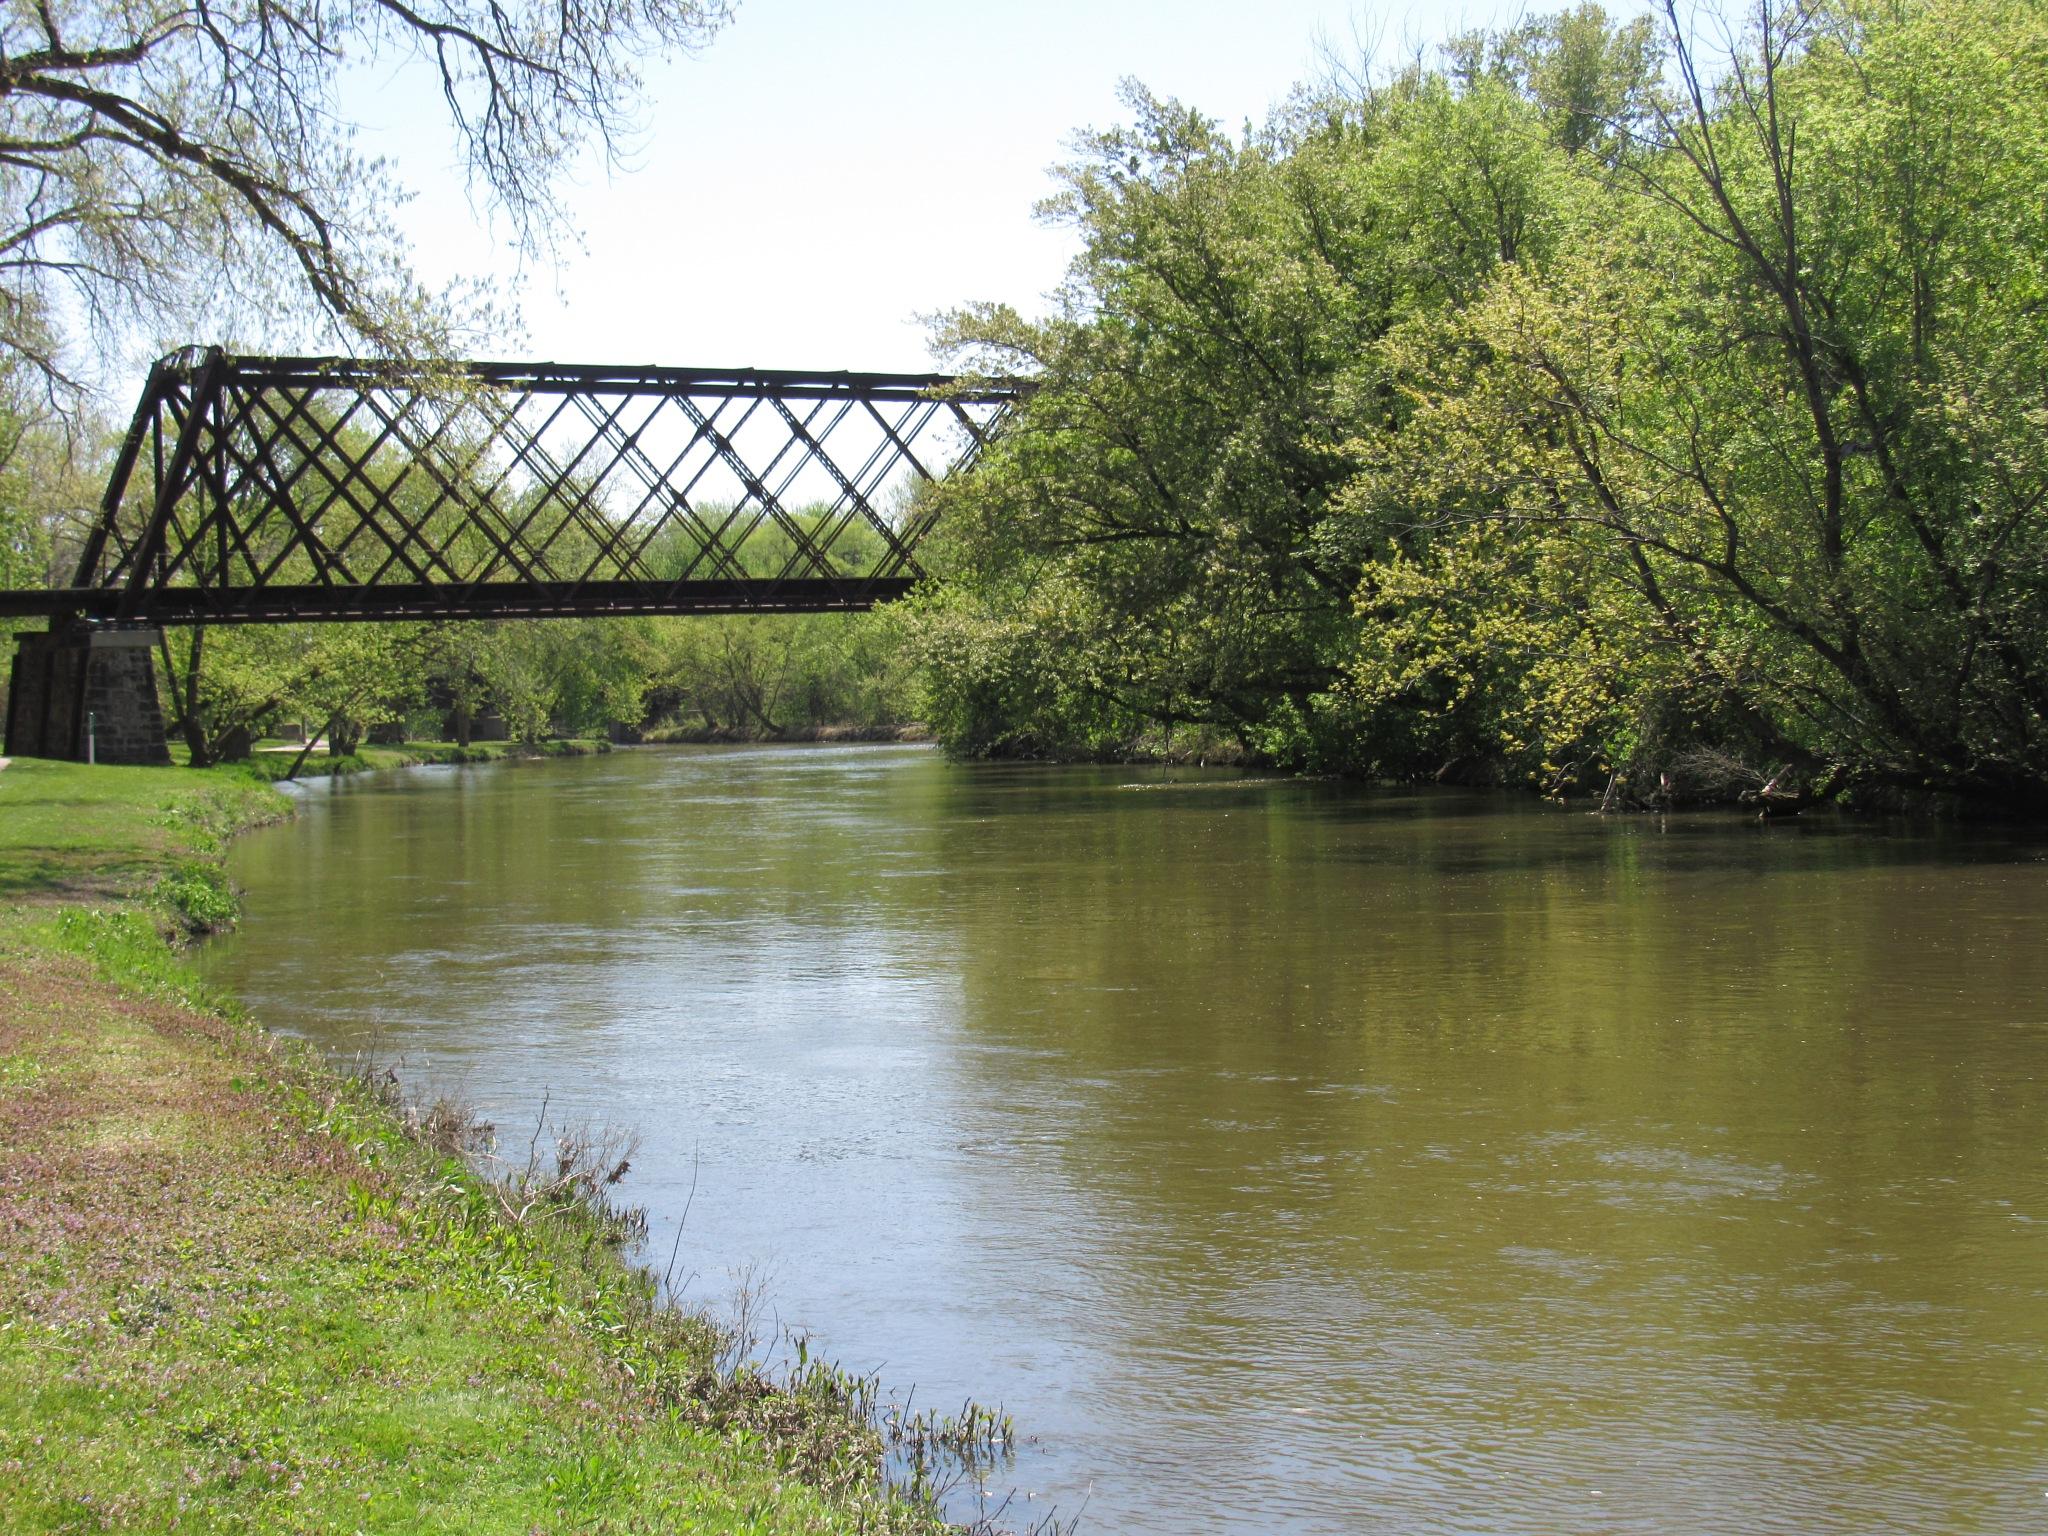 Old Bridge Quiet Nature by Carla Hepp